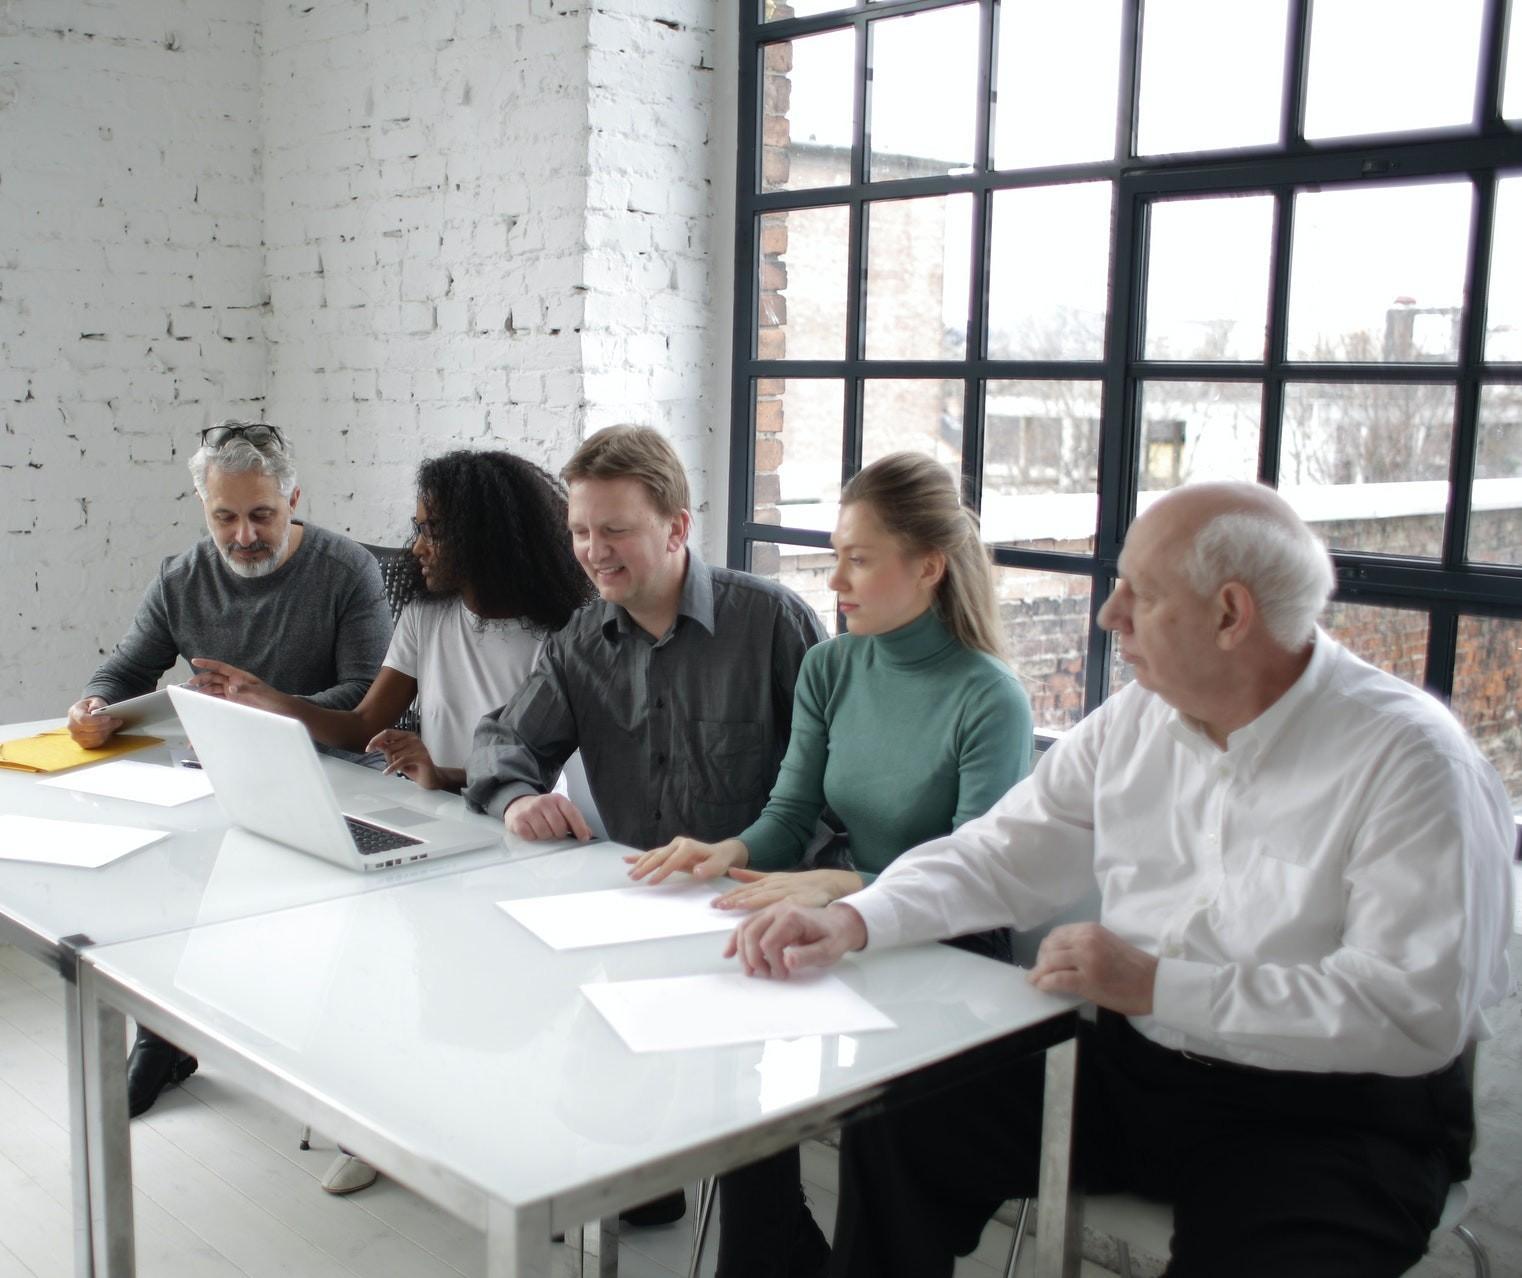 O convívio entre os membros em uma empresa familiar